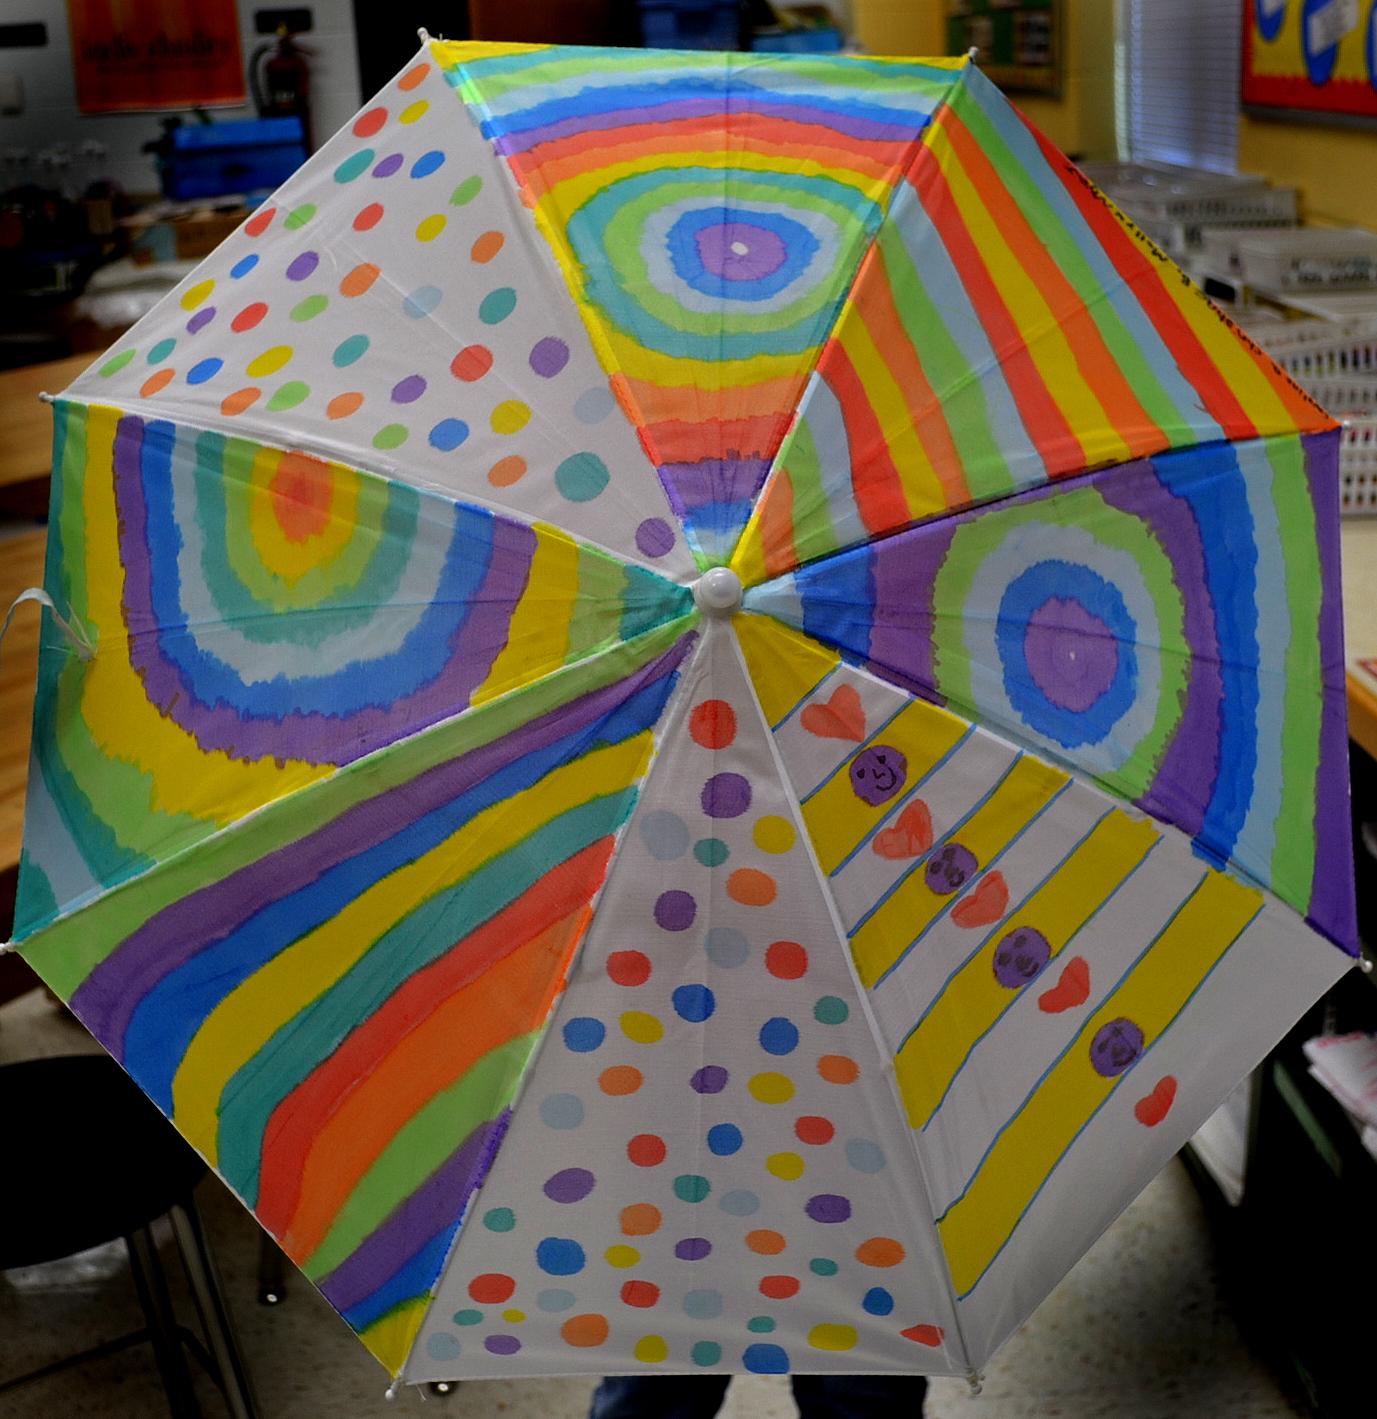 毕业活动 | 10个大型美术工程,用色彩和美打造最难忘的回忆